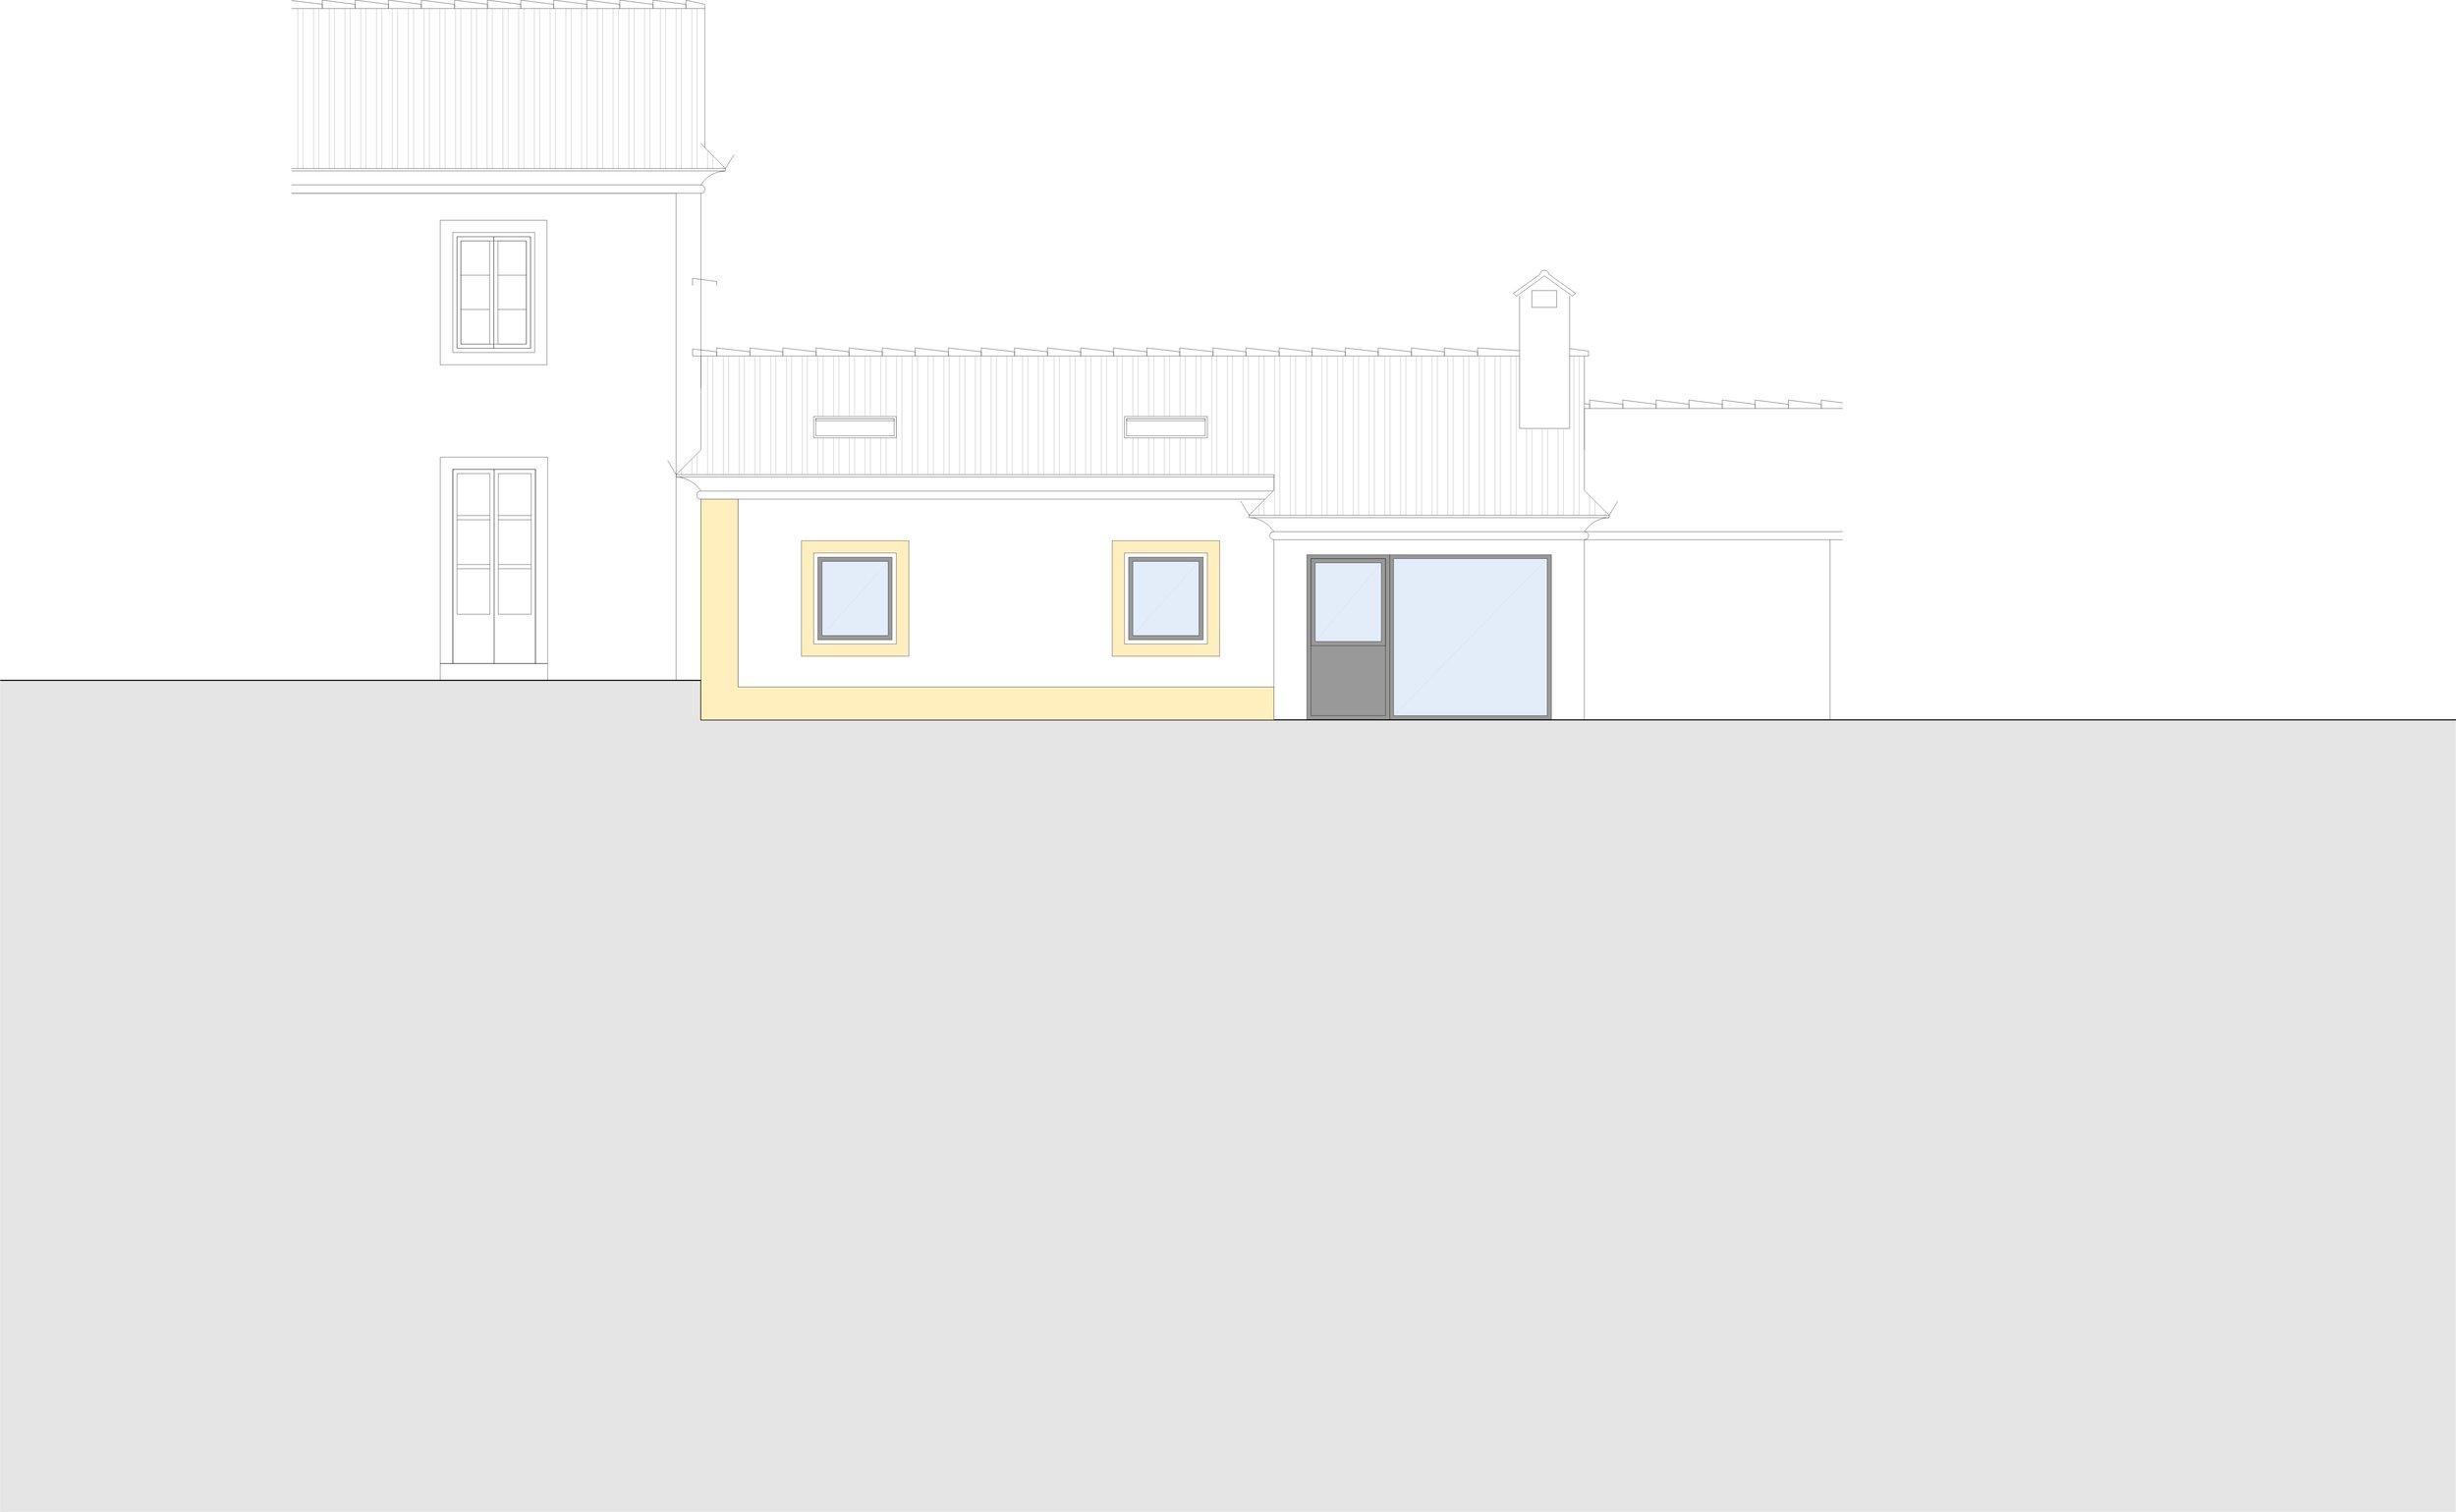 Reabilitação-Rua Caldas Rainha-Abrantes-Paulo Miguez-Arquitectos 3.jpg